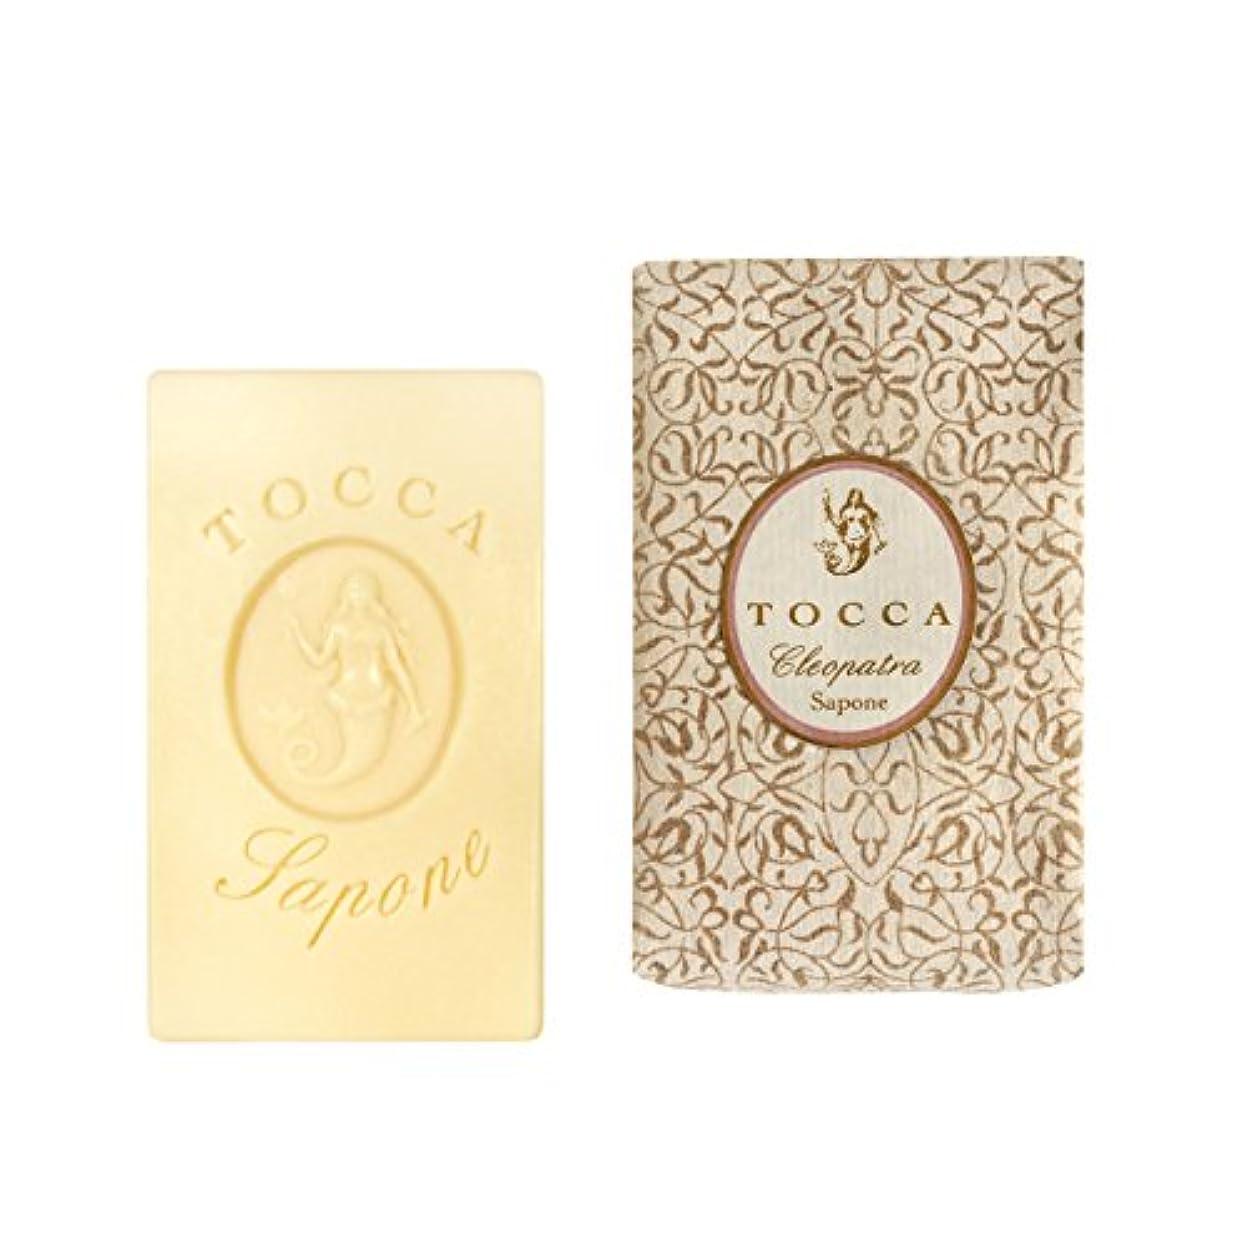 想像力豊かなエレメンタルタイルトッカ(TOCCA) ソープバー クレオパトラの香り 113g(石けん 化粧石けん グレープフルーツとキューカンバーのフレッシュでクリーンな香り)